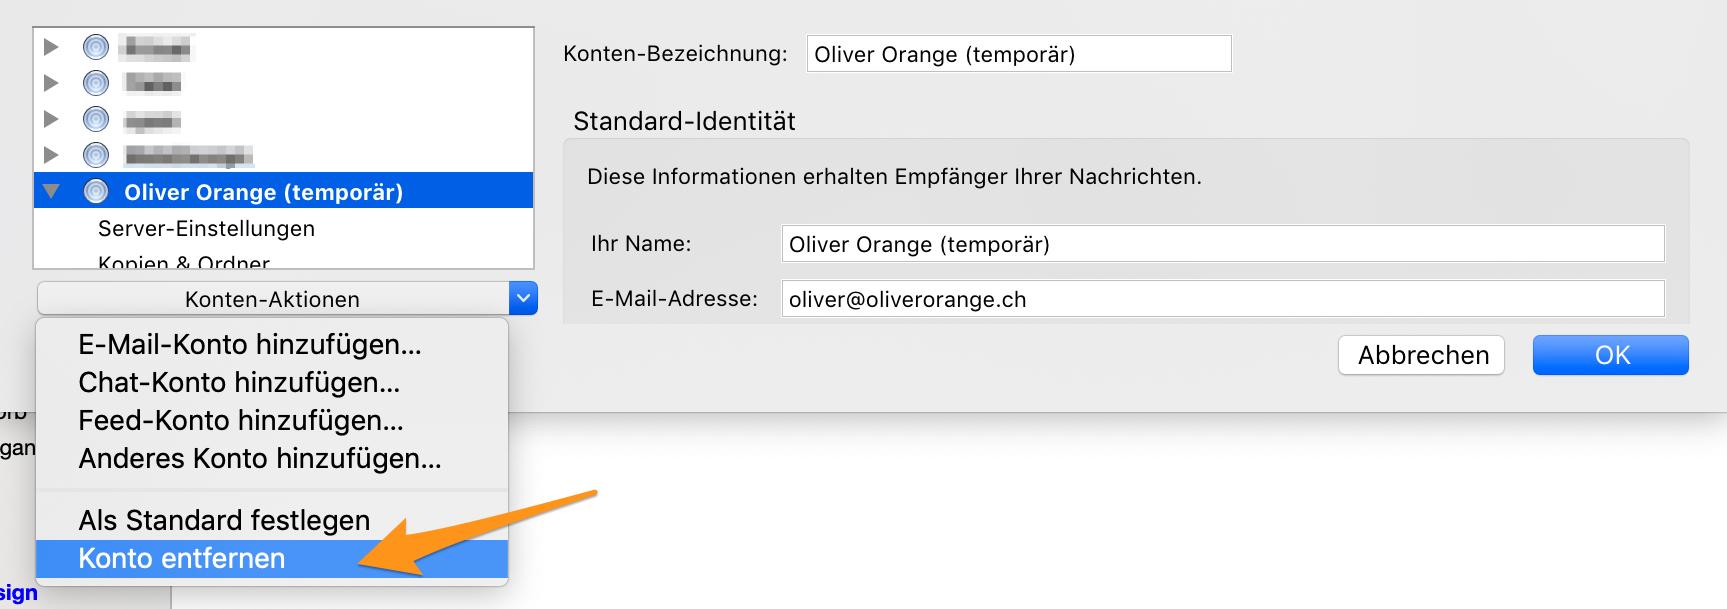 Temporäres E-Mail-Konto entfernen